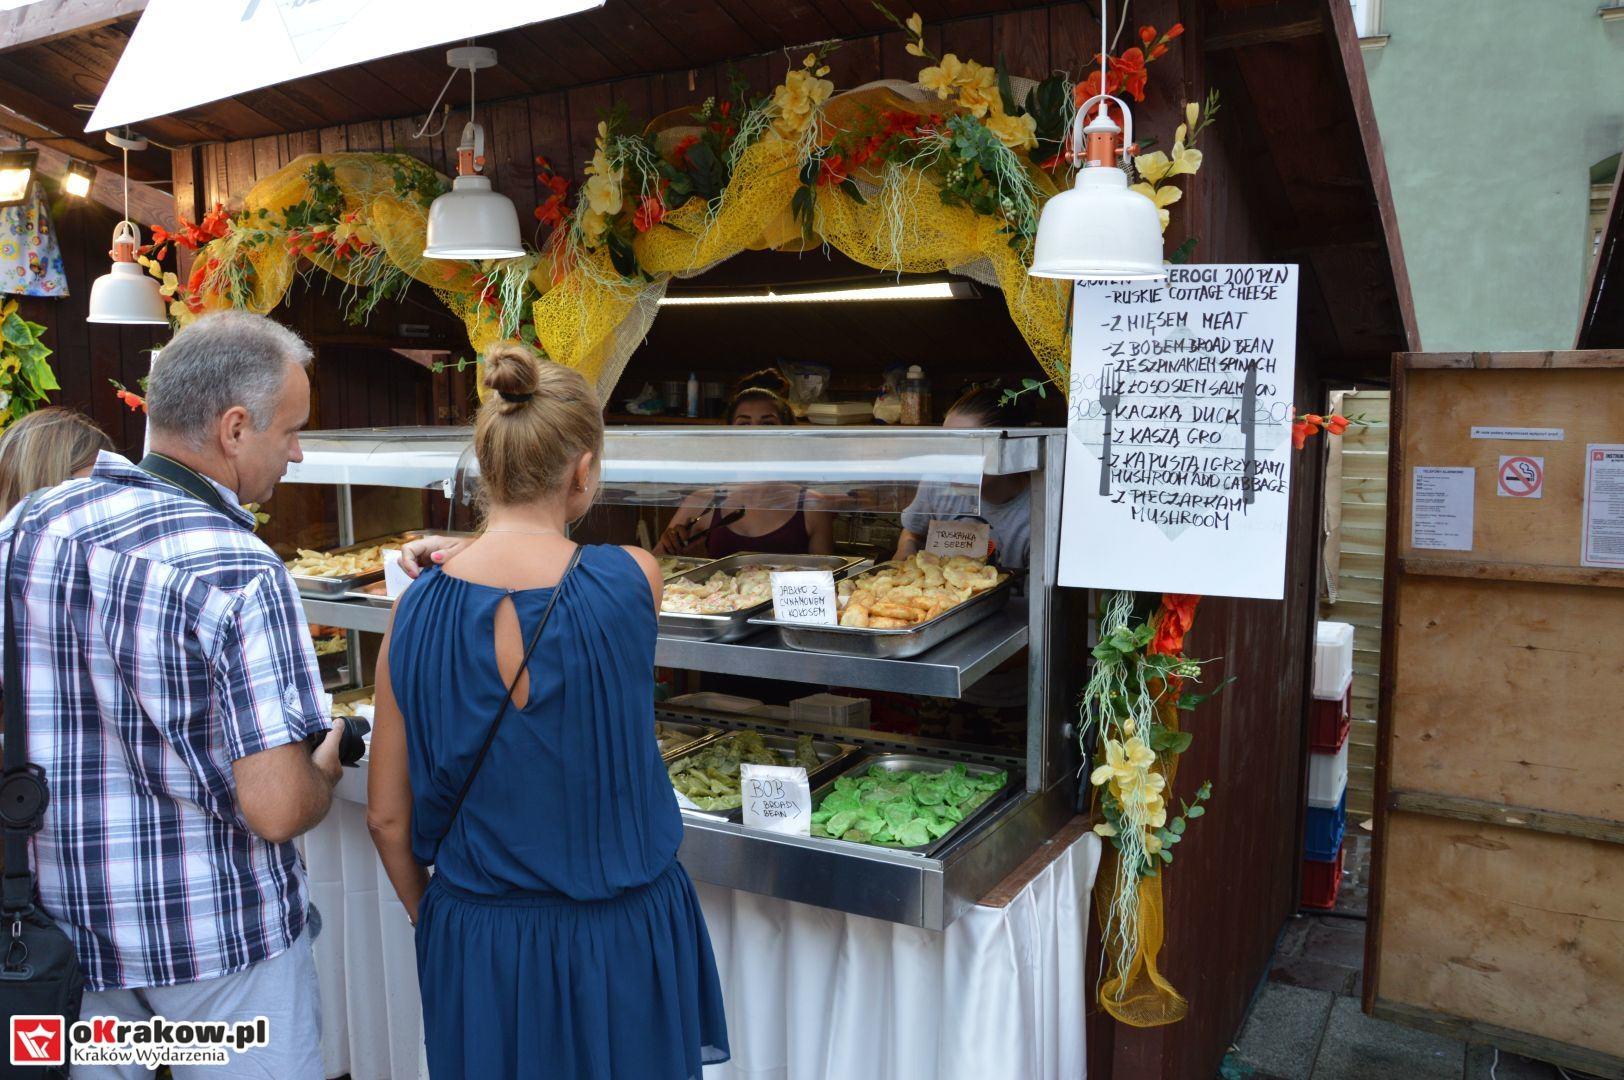 krakow festiwal pierogow maly rynek koncert cheap tobacco 8 150x150 - Galeria zdjęć Festiwal Pierogów Kraków 2018 + zdjęcia z koncertu Cheap Tobacco